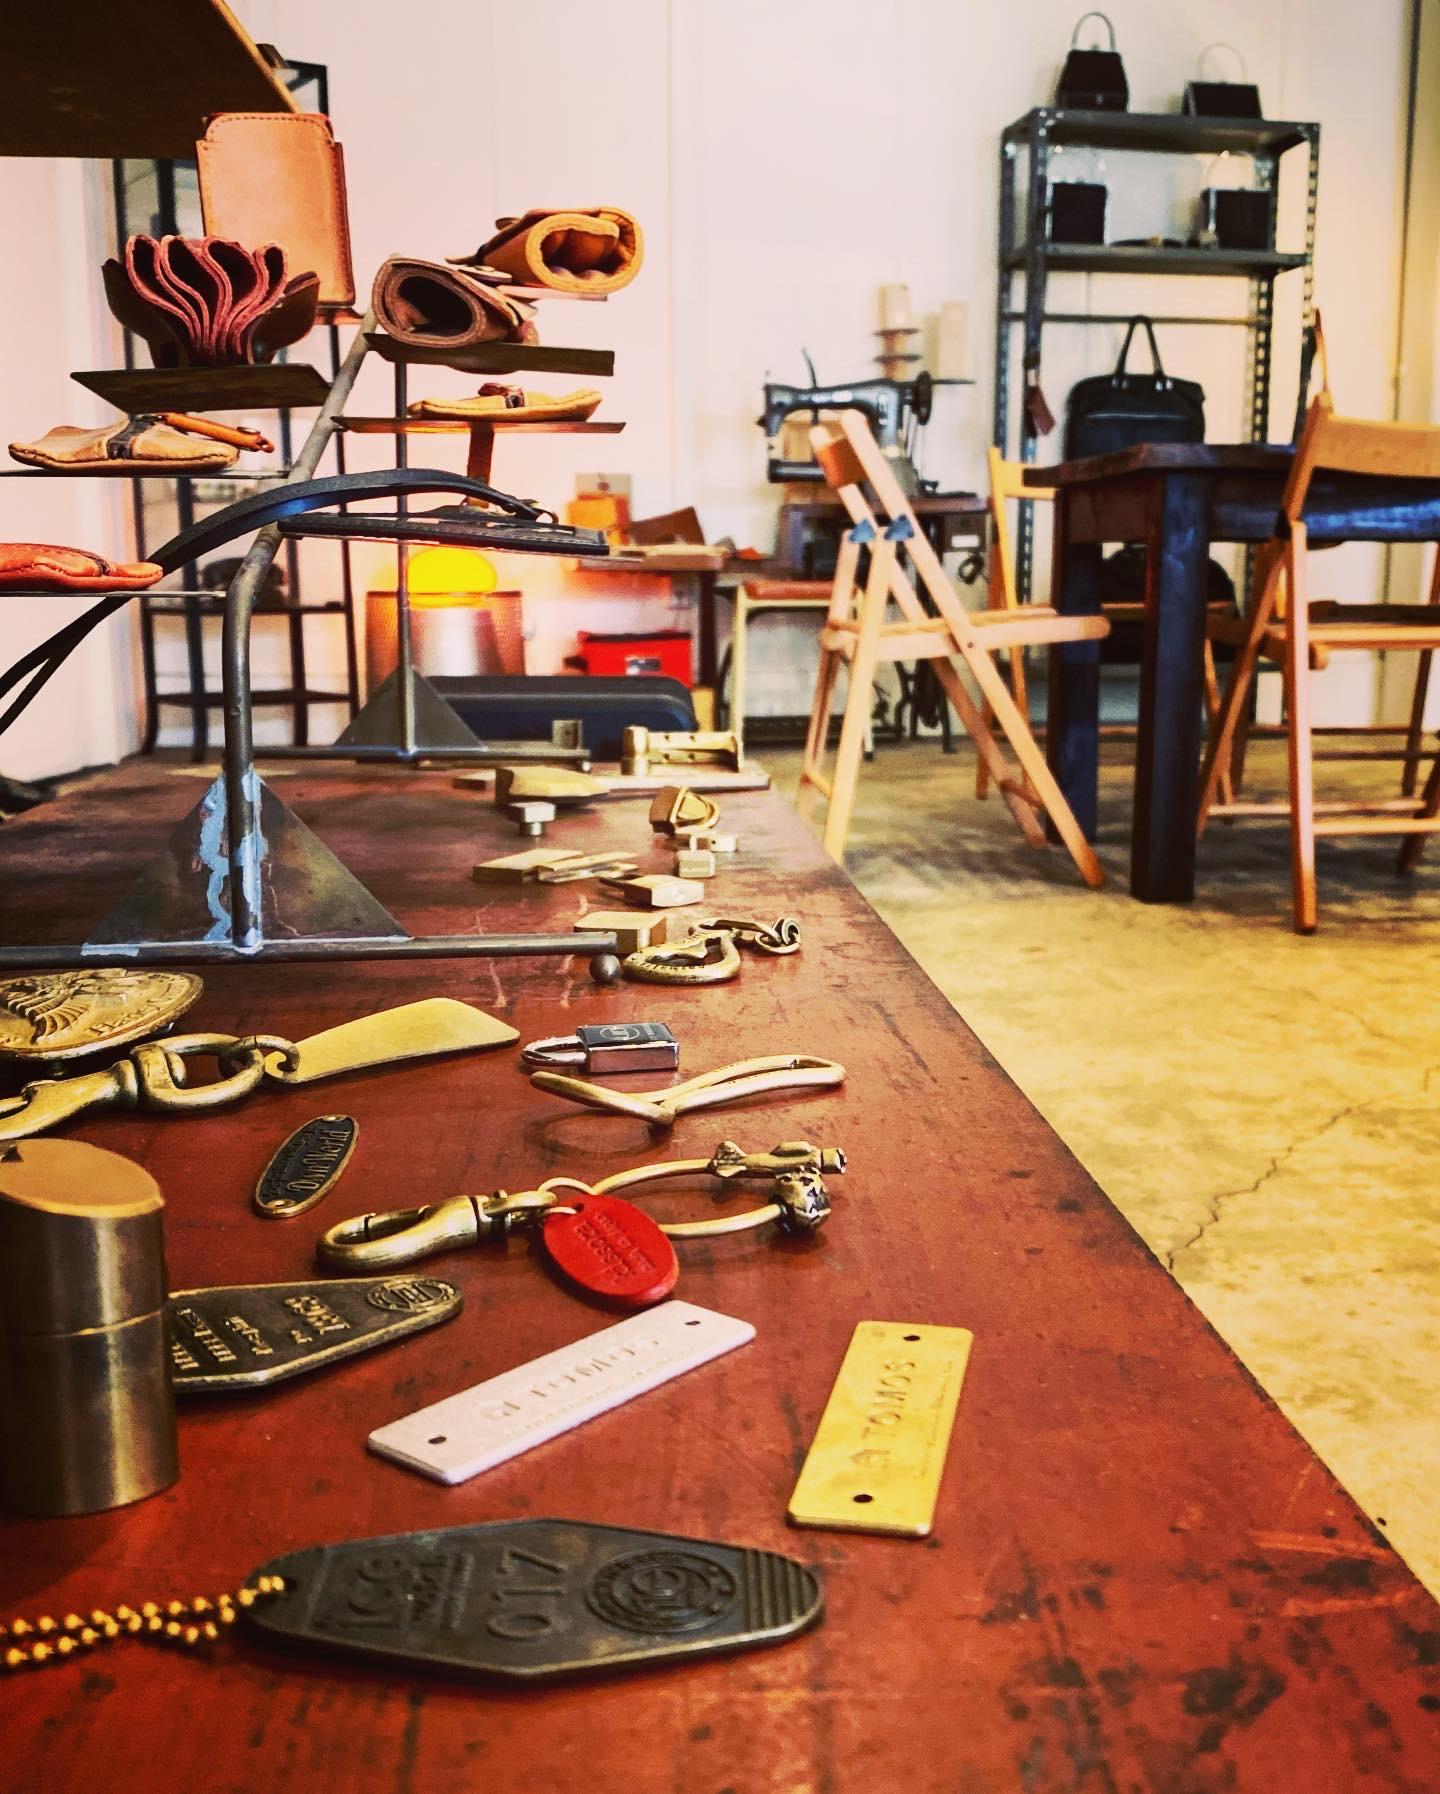 メタルハウスでは、オリジナル金具の製作はもちろんの事、キーホルダーに革を取り付けたり、靴べらキーホルダー、革製のオリジナル小物の生産も可能になりました。記念品、お祝い、販促品、贈呈品、ノベルティー、カタログなどでは作れない、世界でただひとつの究極のオリジナルグッズを僕らと一緒に作りましょう。